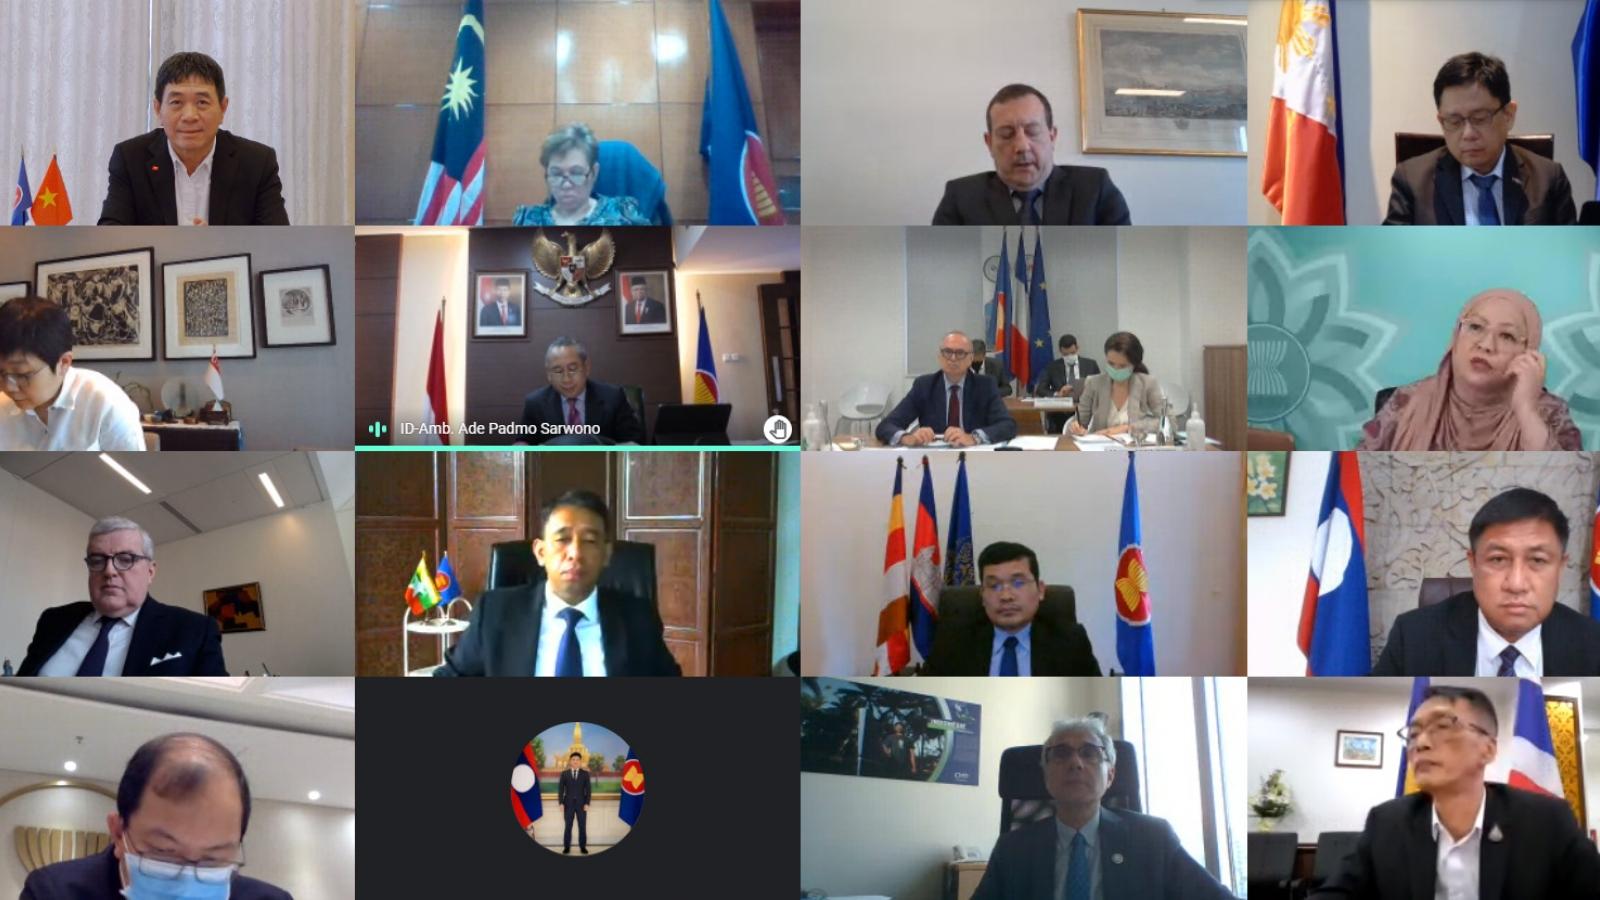 Pháp khẳng địnhcoi trọng hợp tác với ASEAN